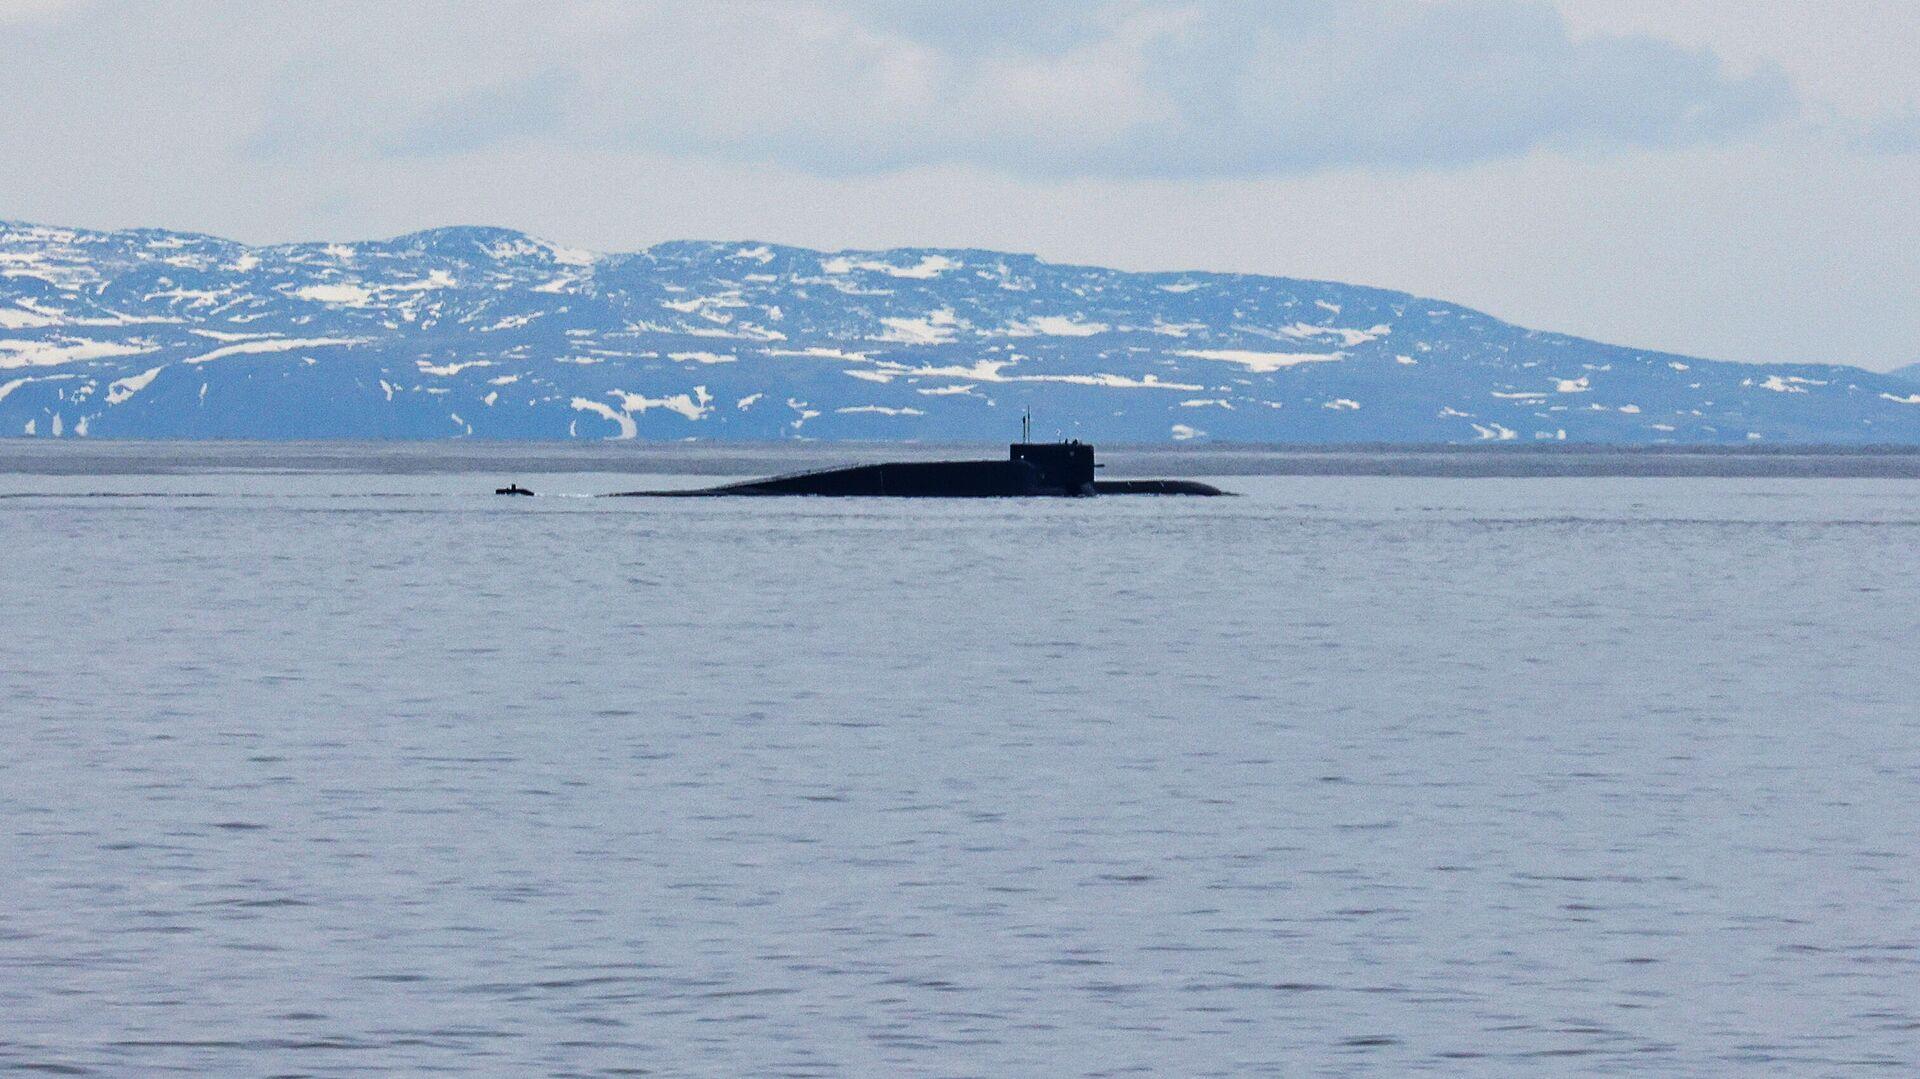 Атомная подводная лодка Новомосковск во время комплексных учений в Баренцевом море - РИА Новости, 1920, 02.07.2021